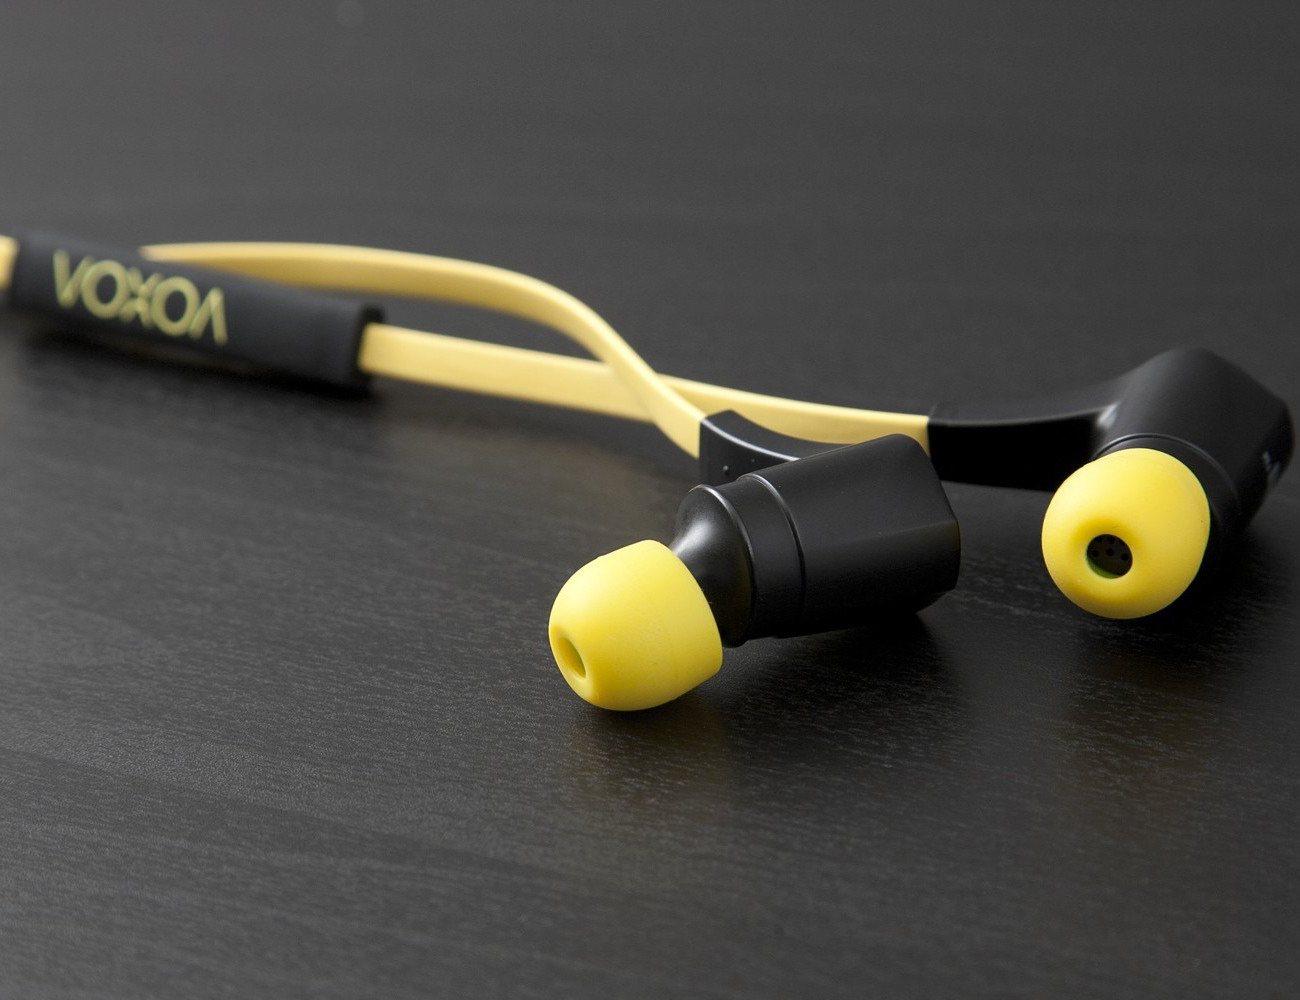 VOXOA+Sports+Wireless+Earphones+%26%238211%3B+Sweatproof+And+Water-Resistant